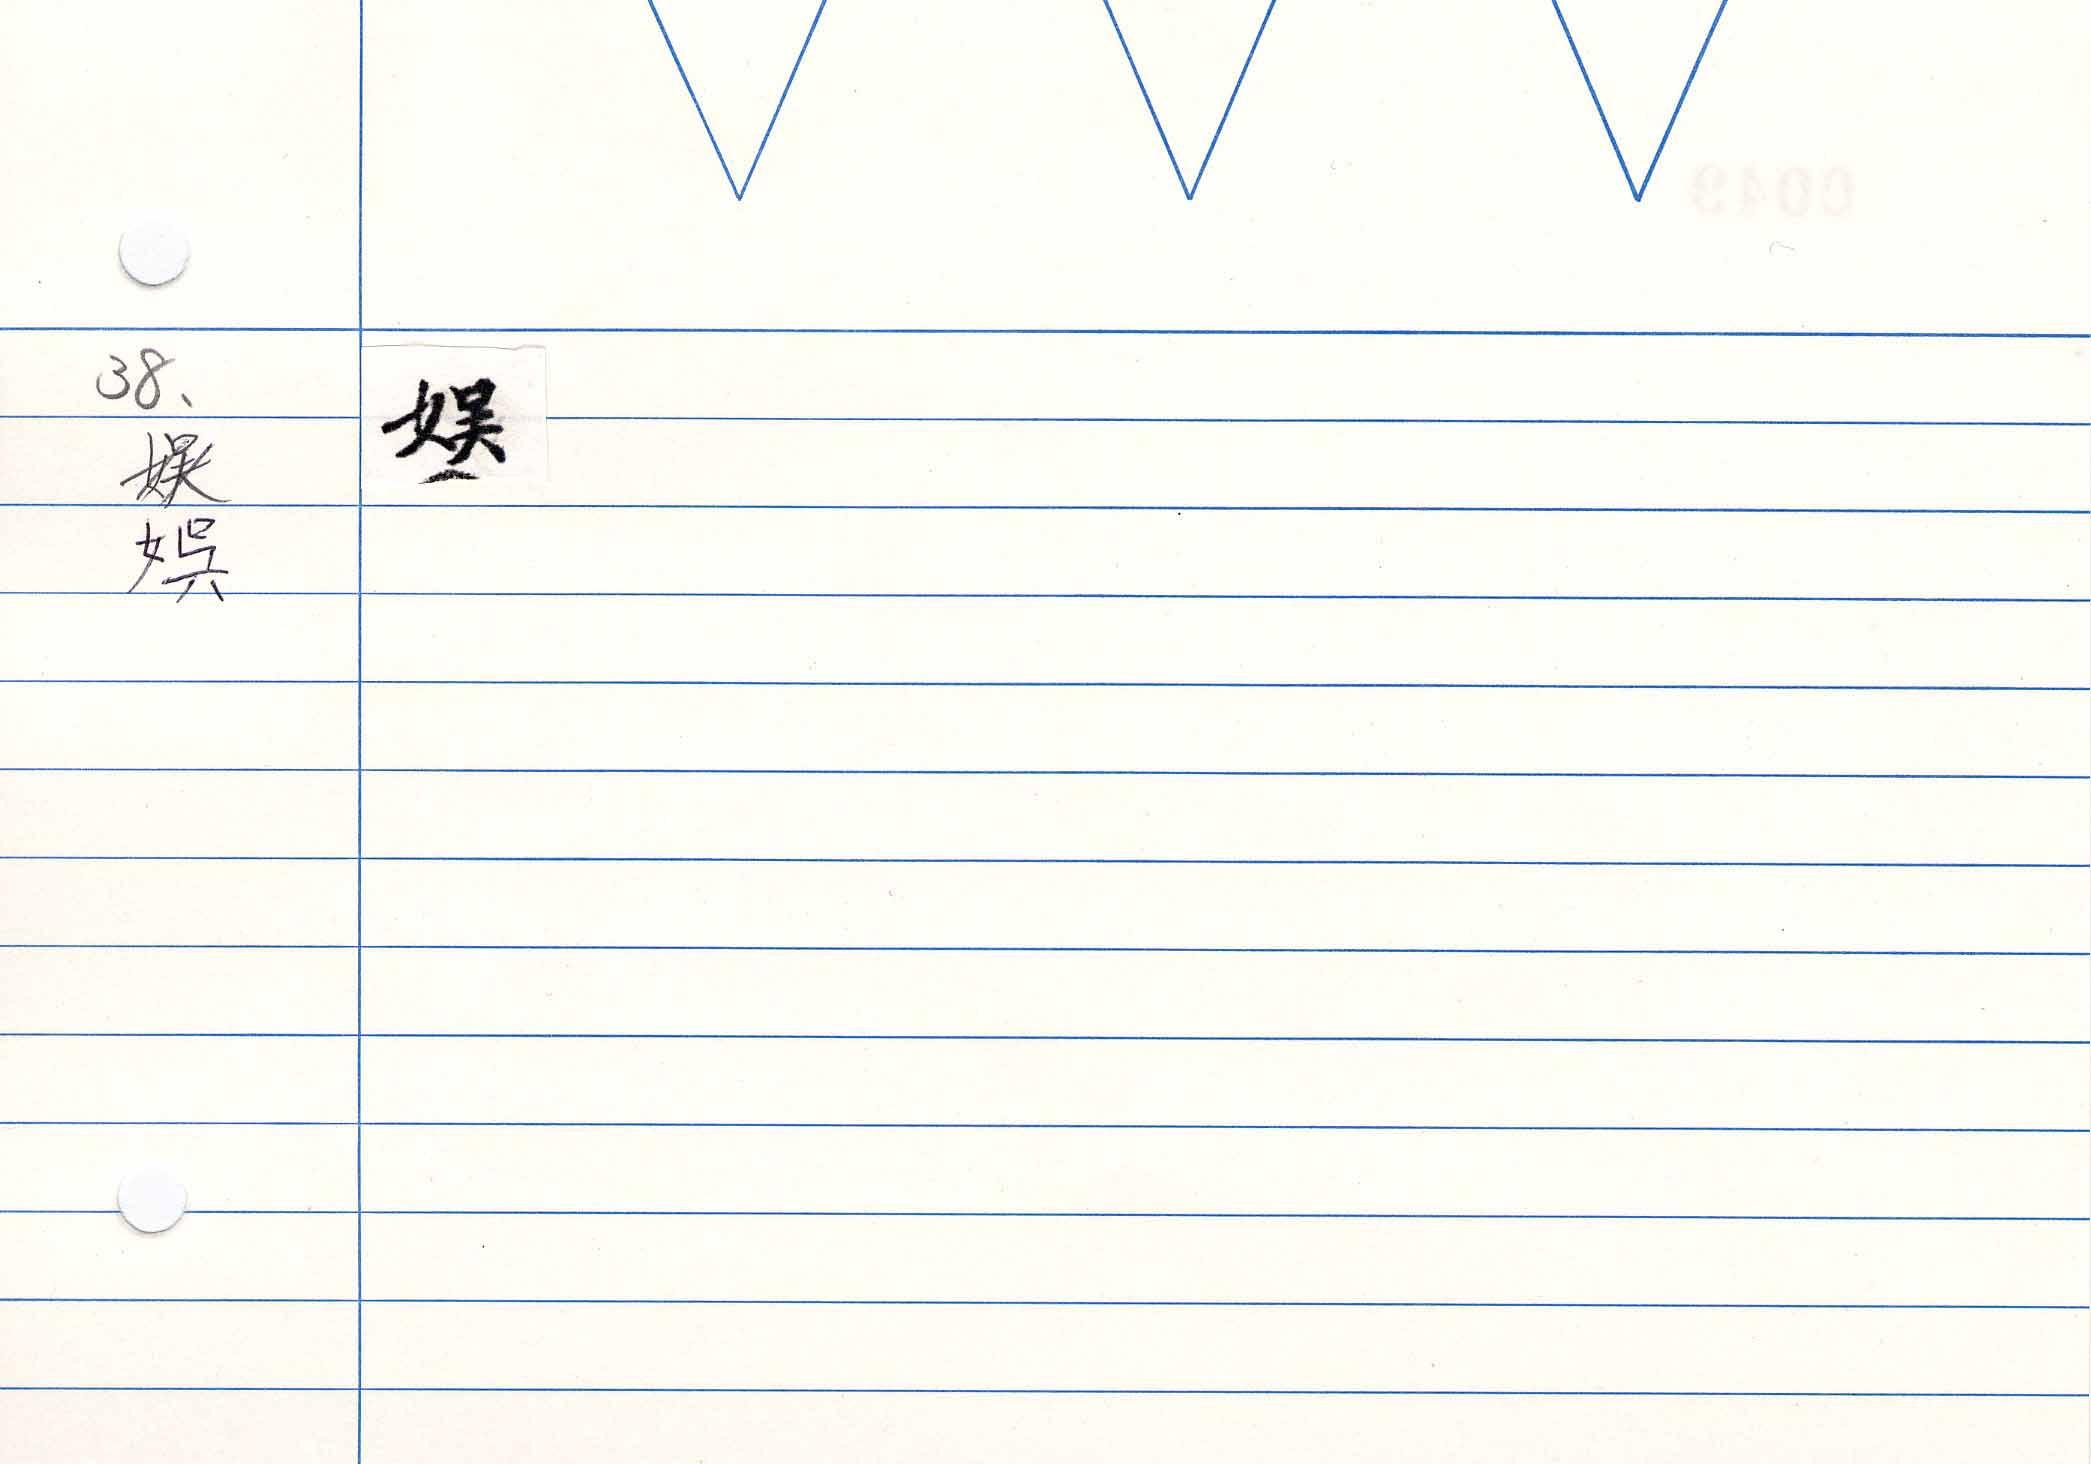 13_妙法蓮華經卷八(S.2577)/cards/0049.jpg